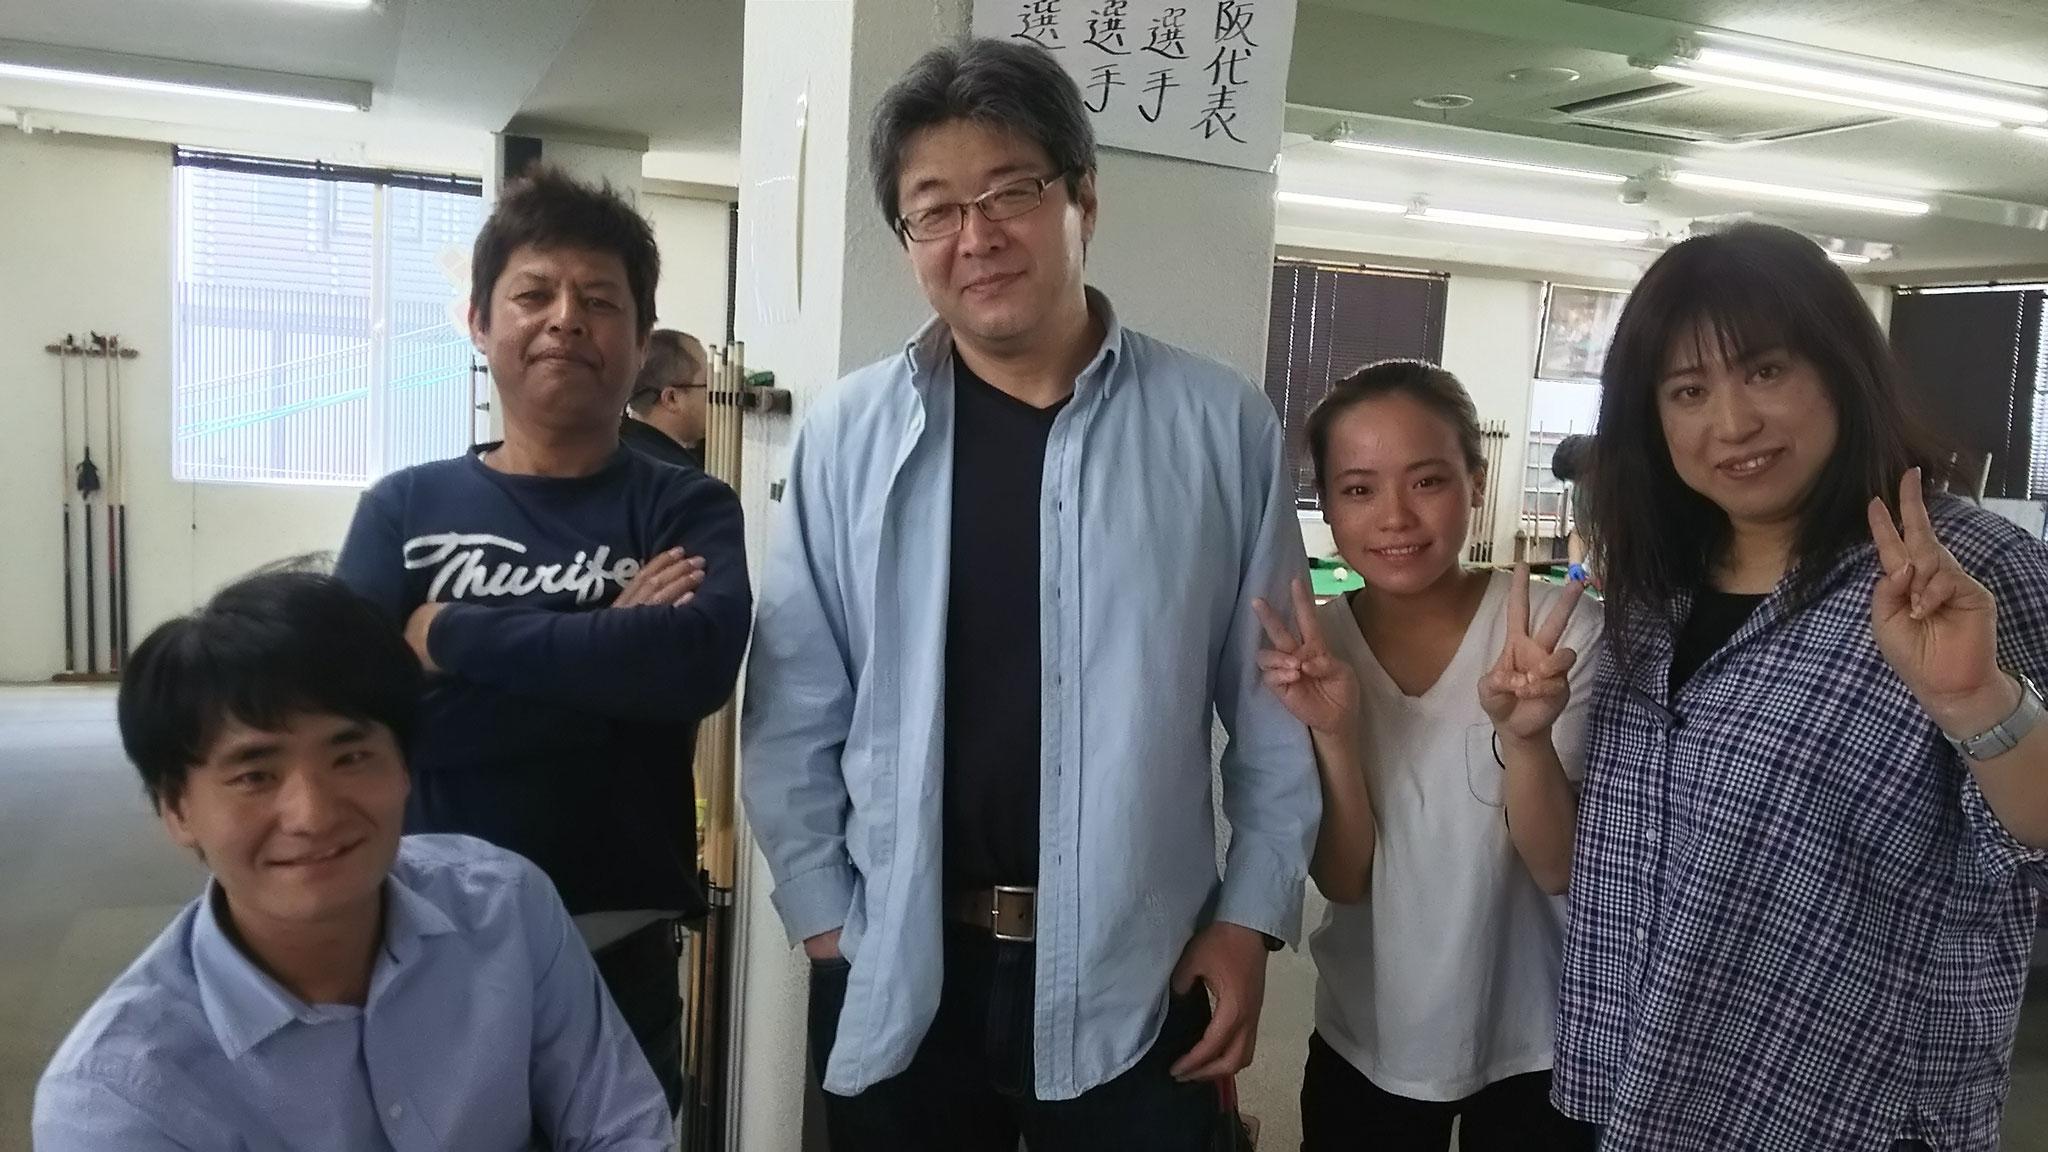 竹原氏、顔見せに来てくれたぐっさんと稲岡さん、愛子ちゃん、佳苗さん